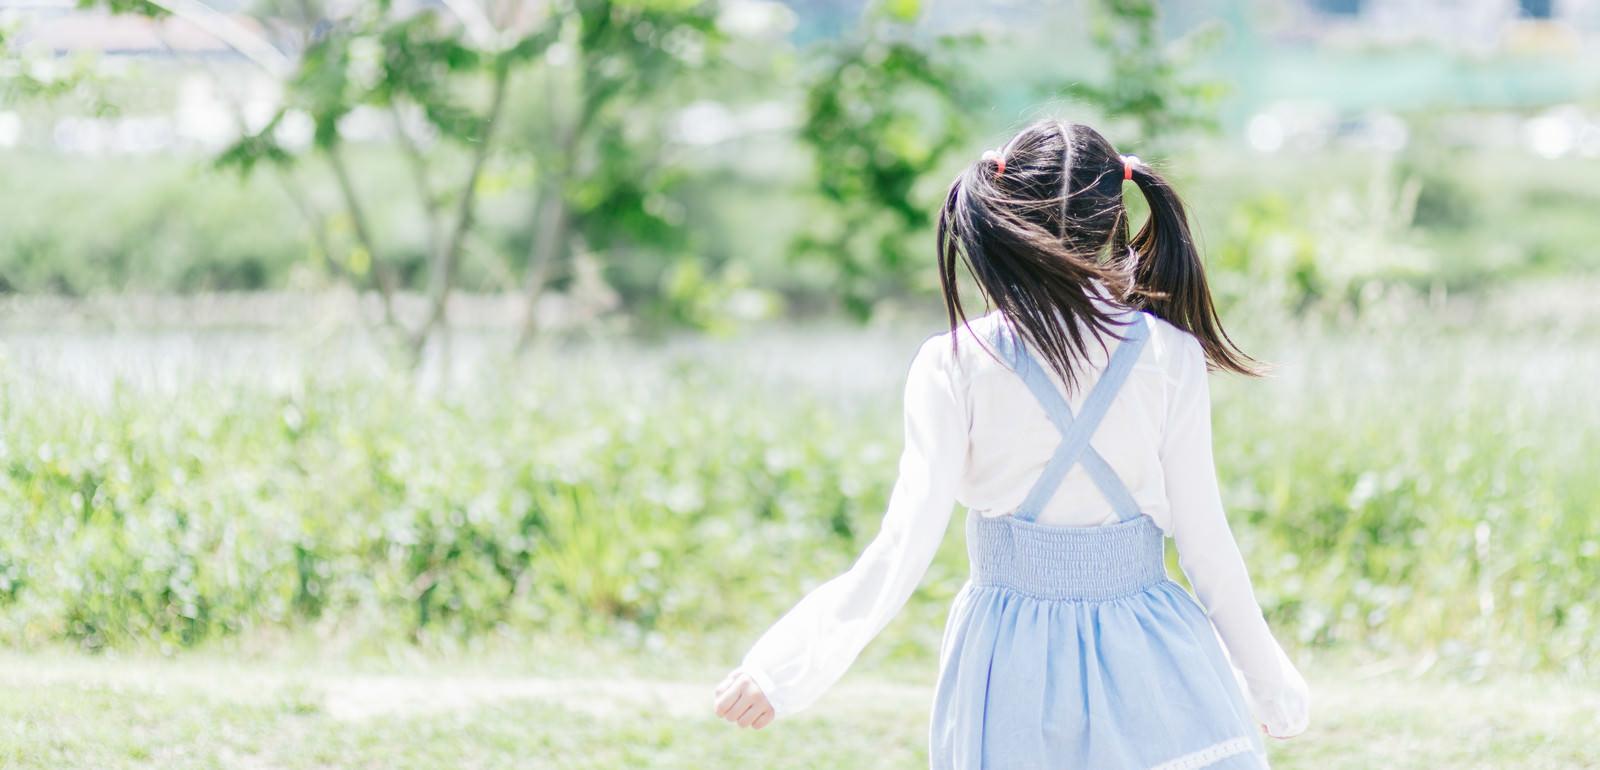 「ツインテール女子の後ろ姿ツインテール女子の後ろ姿」[モデル:こころ]のフリー写真素材を拡大